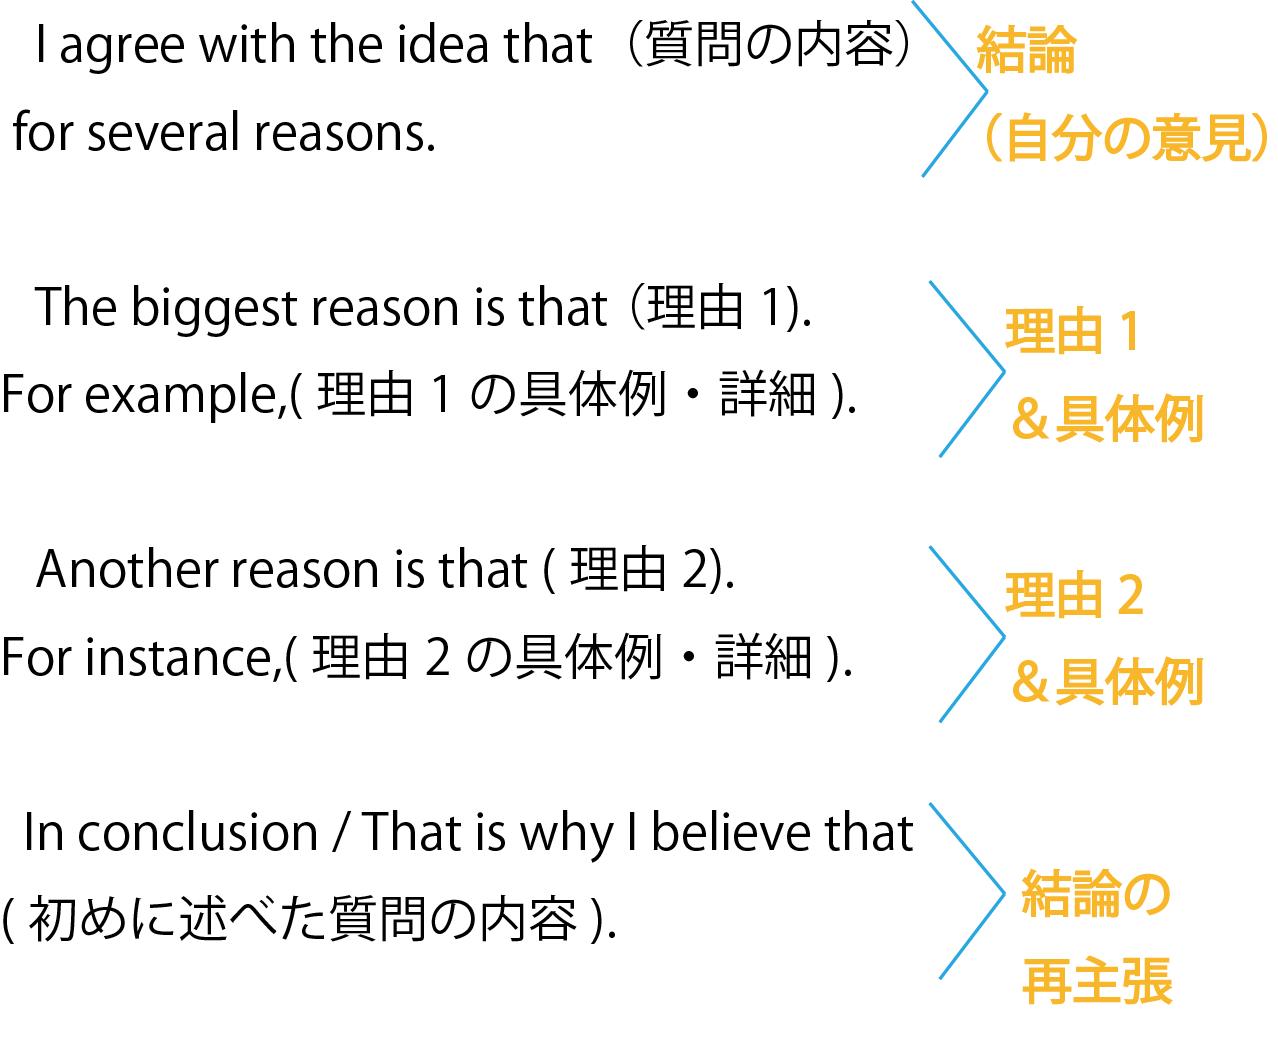 英作文 テンプレート